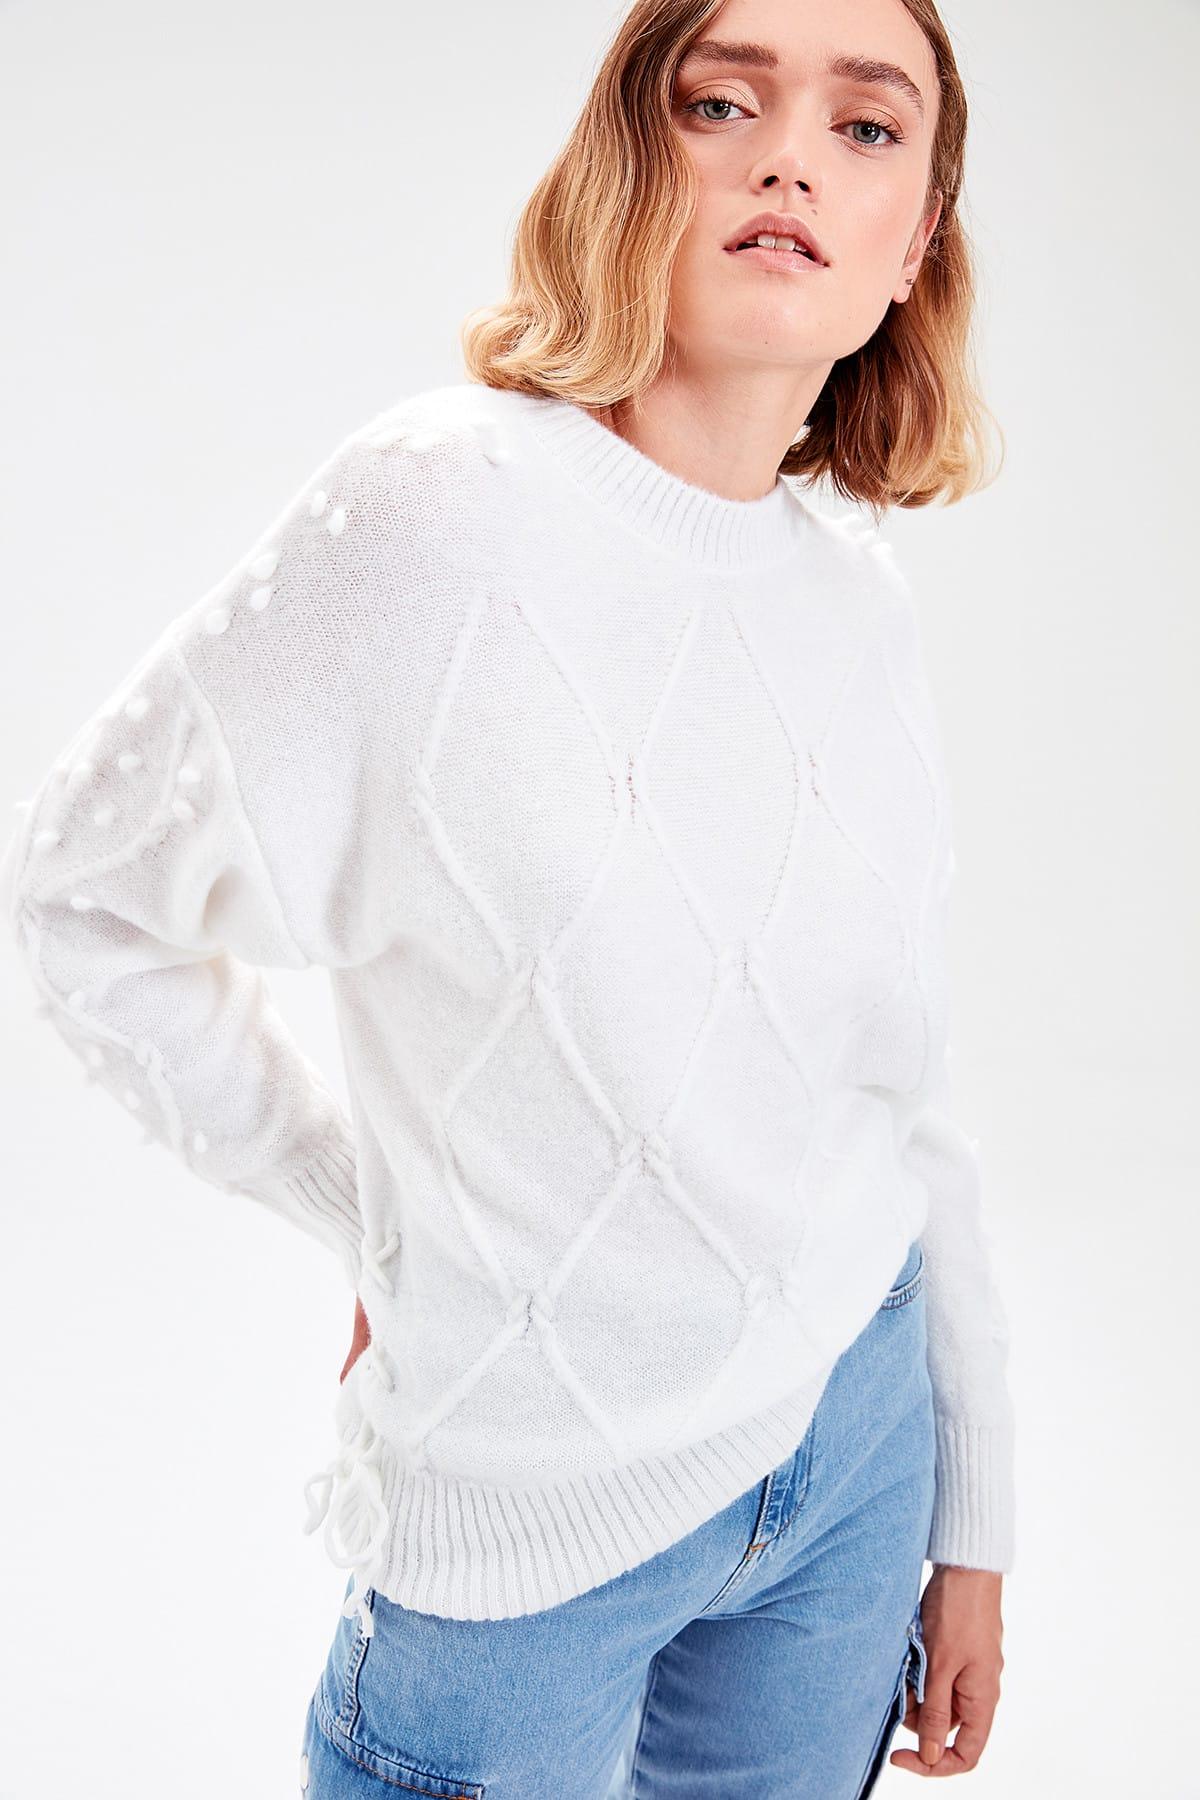 Trendyol WOMEN-Raw White Mesh Detailed Laced Knitwear Sweater TWOAW20NV0019